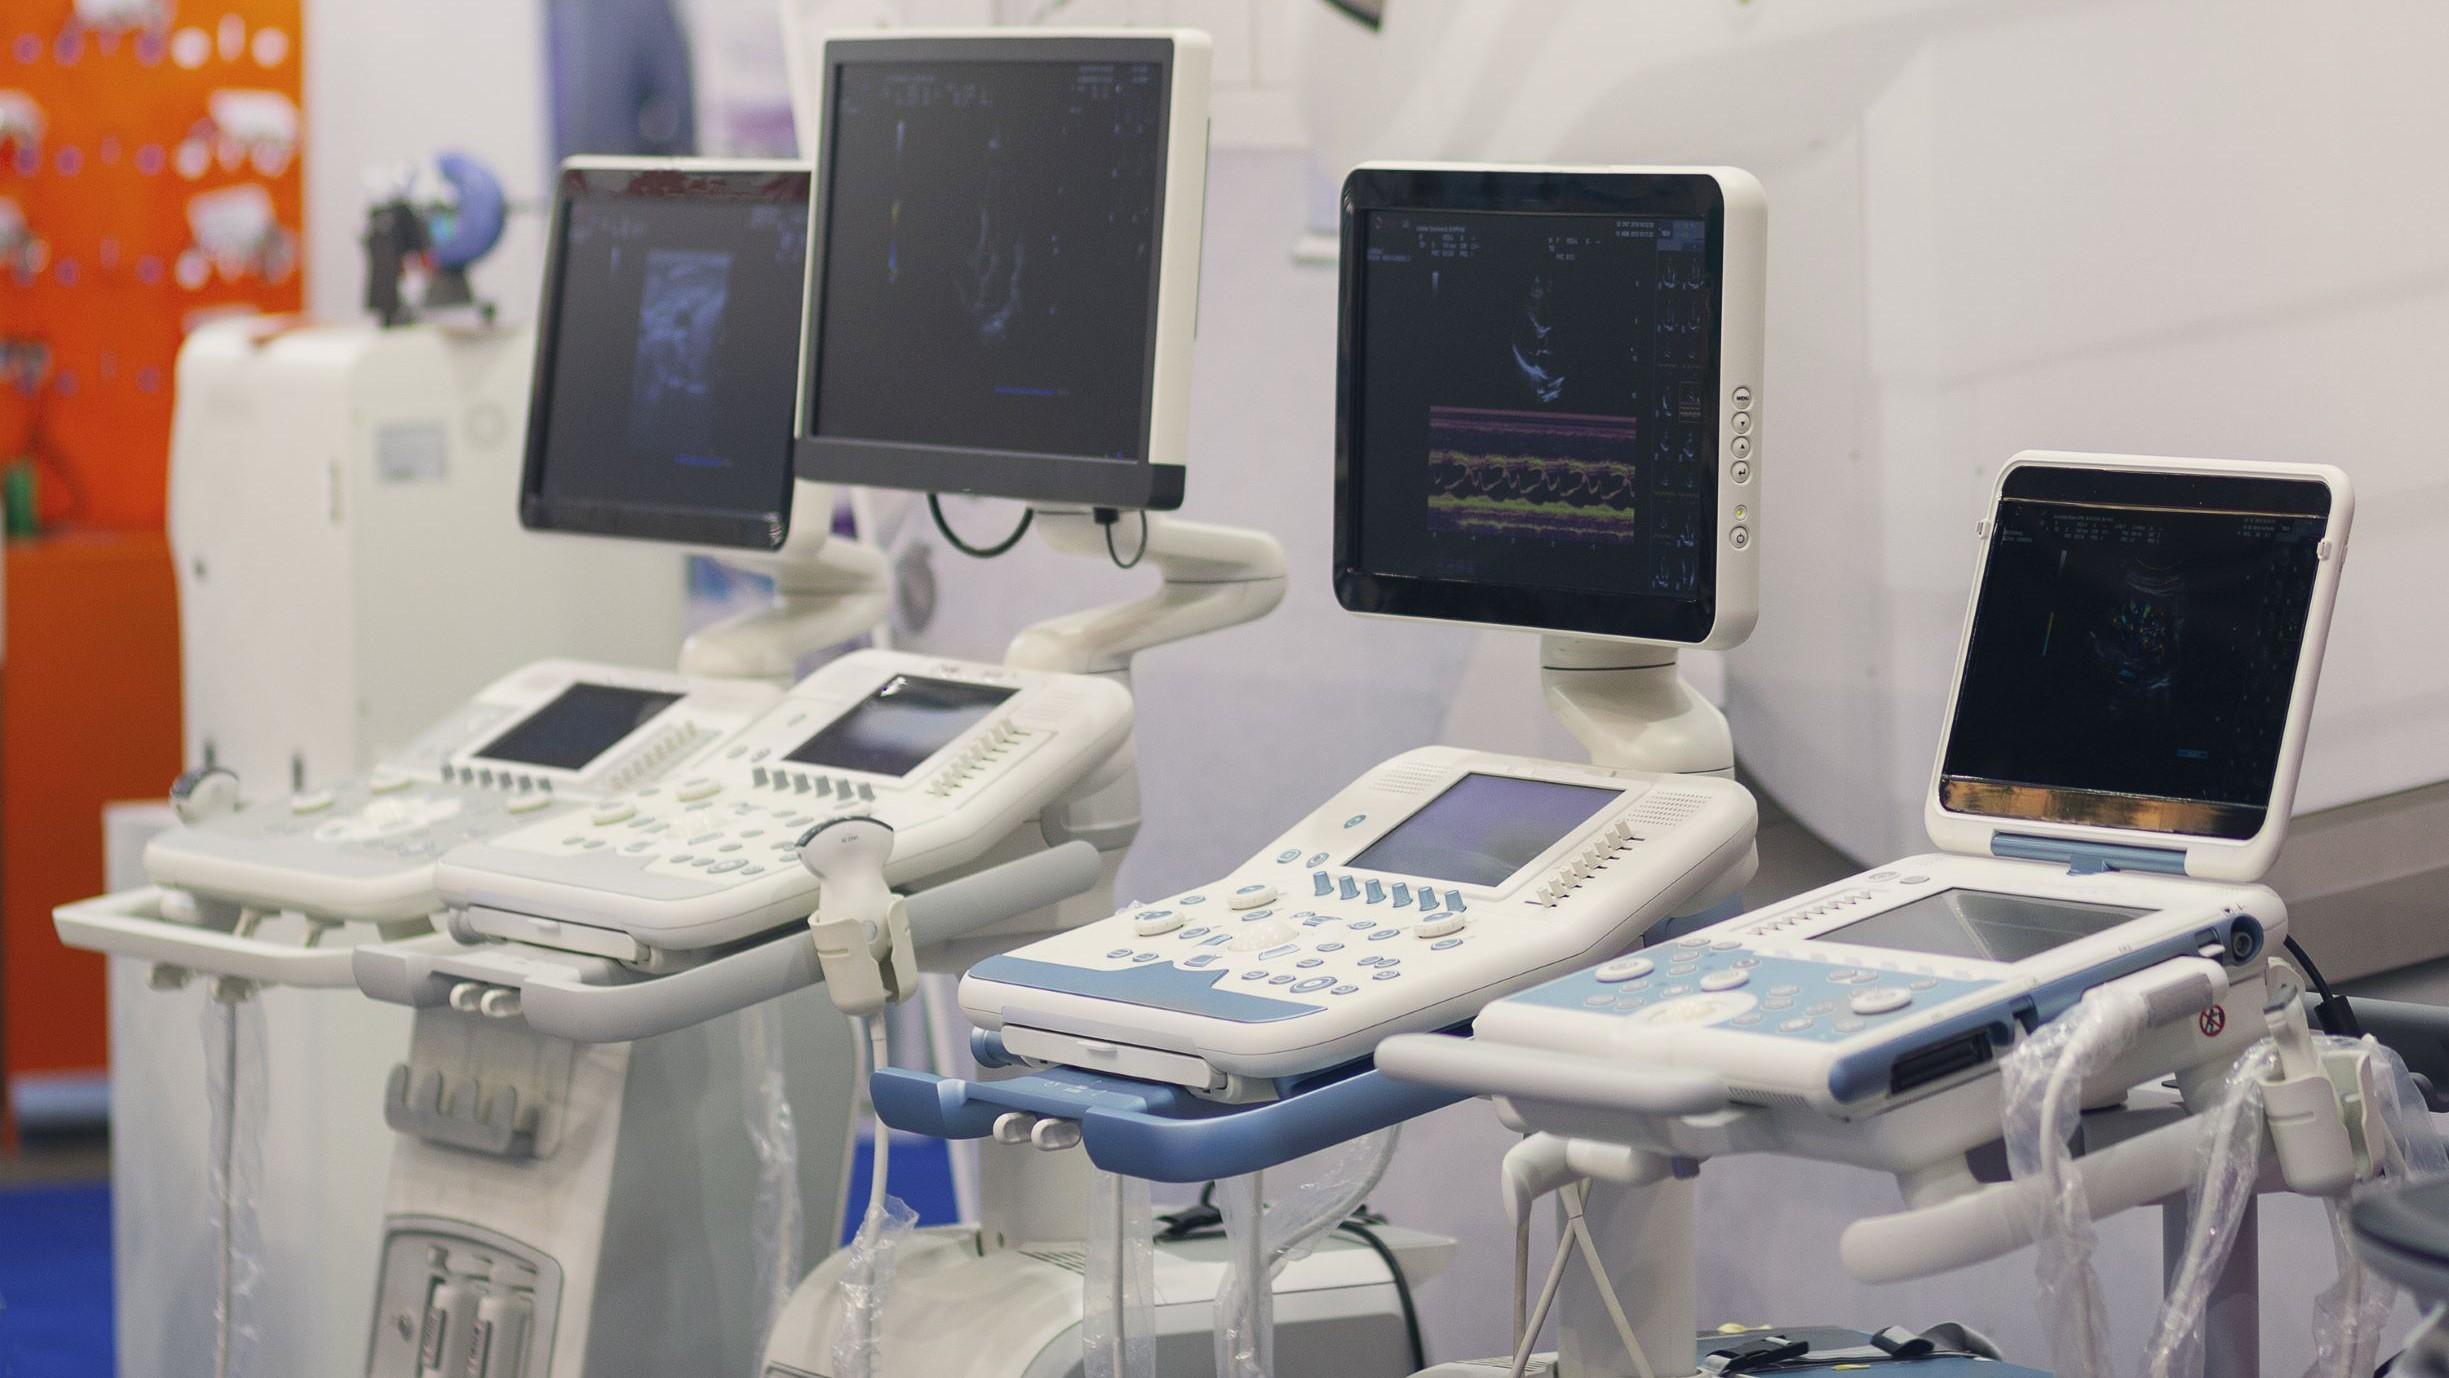 Top Echocardiogram Machines for Your Practice